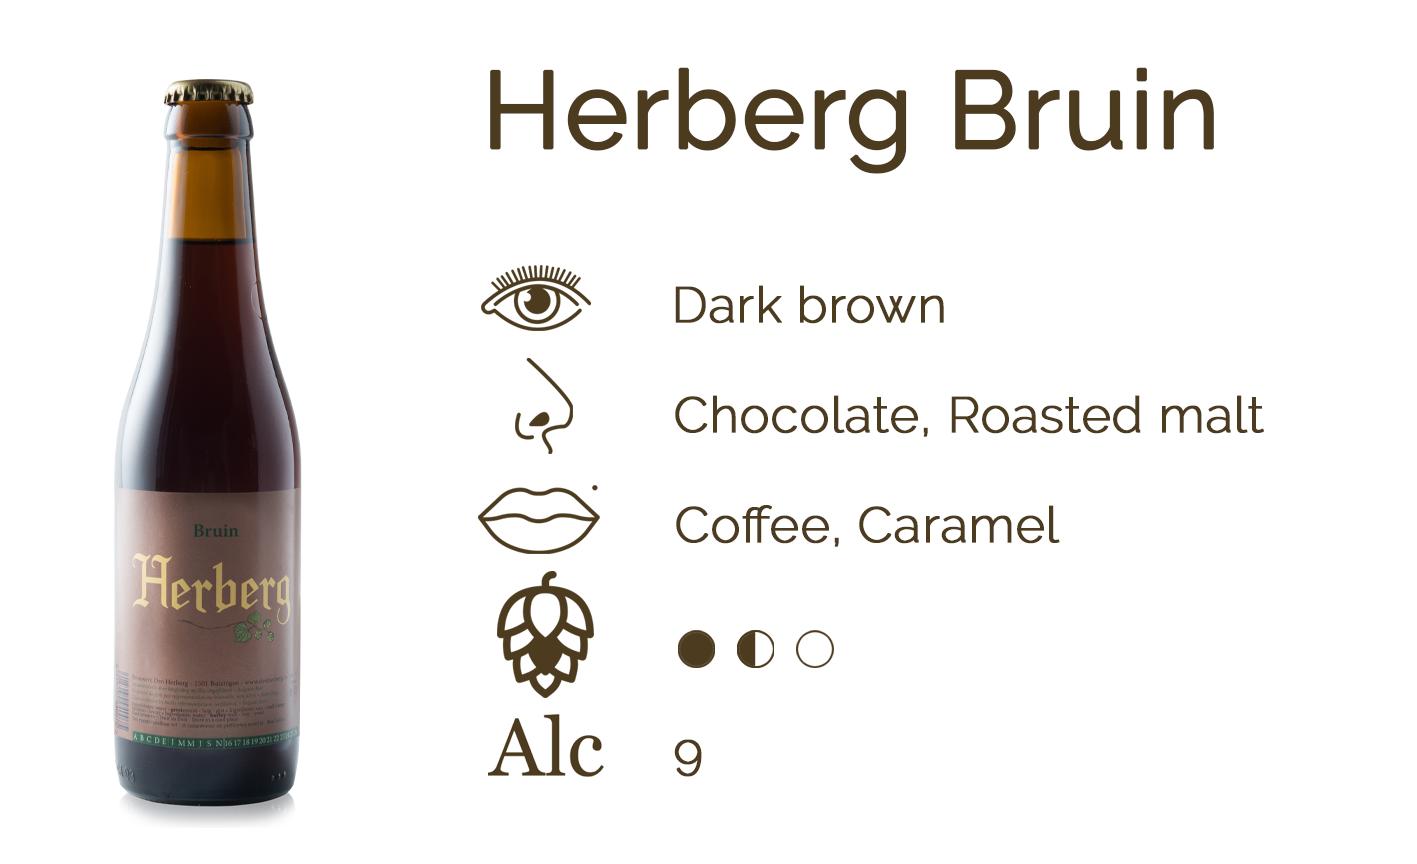 Smaakfiche voorstel 3 Herberg Bruin_eng